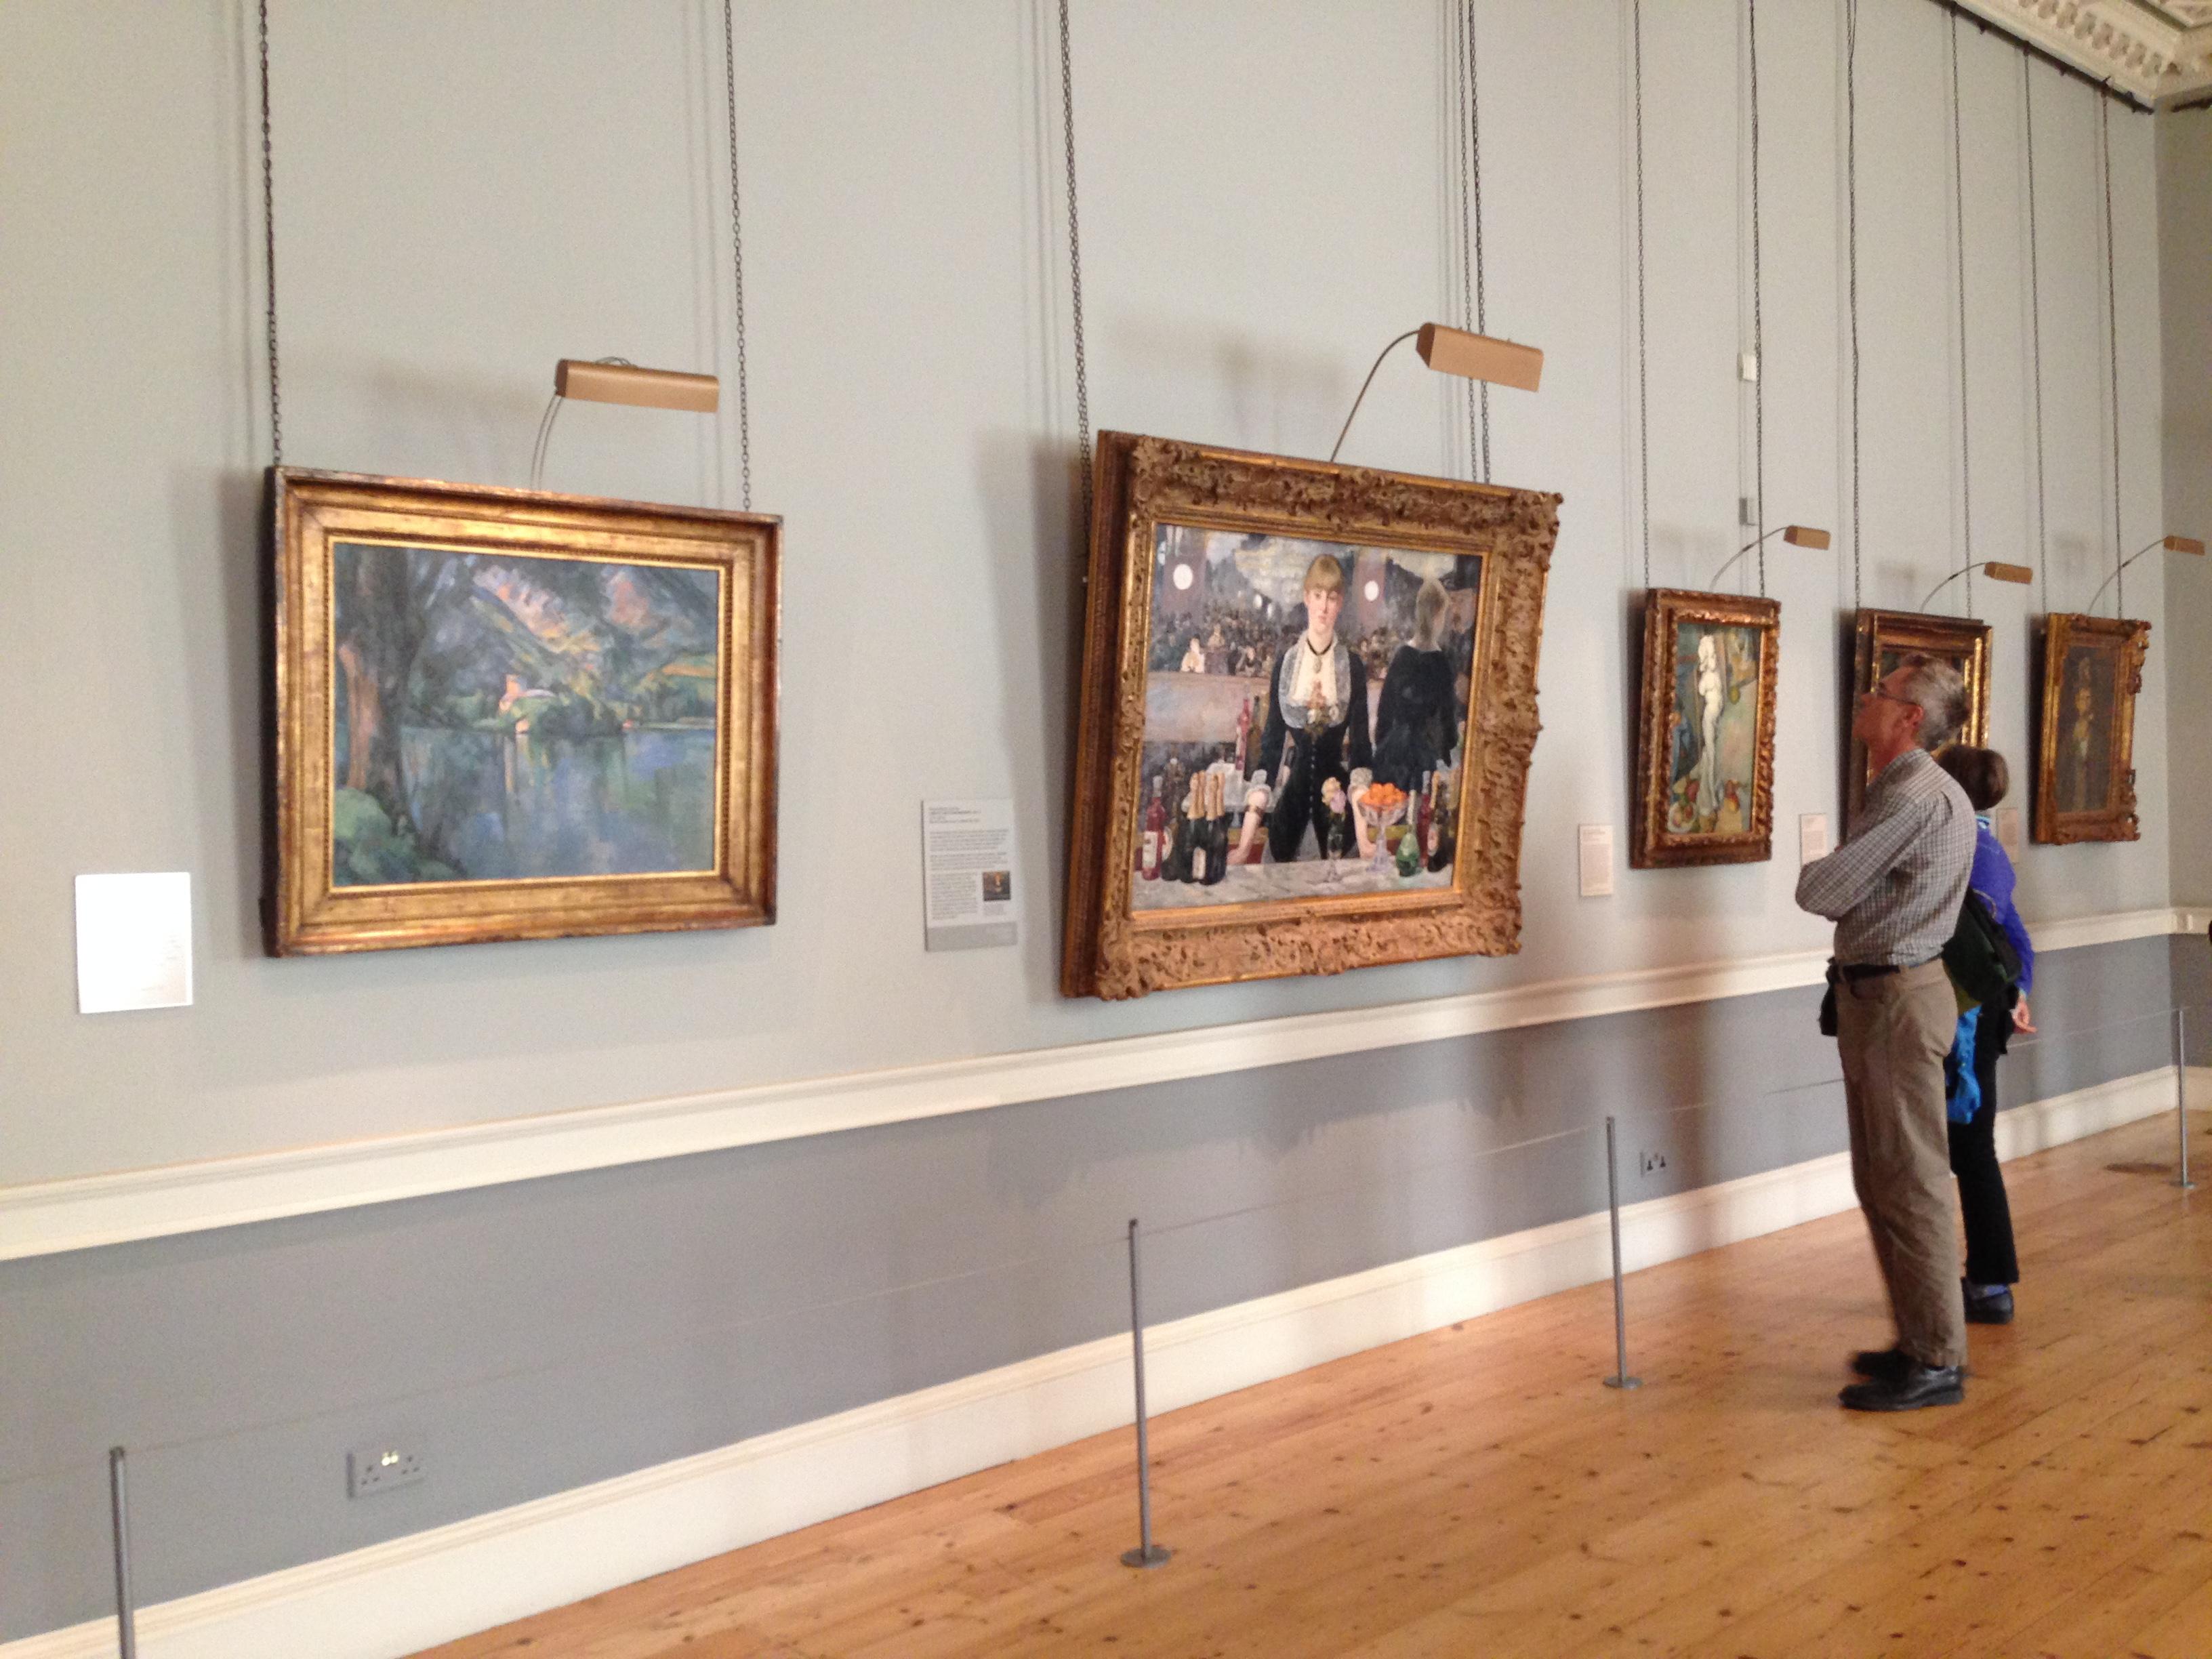 Экспозиция в Институте искусства Курто